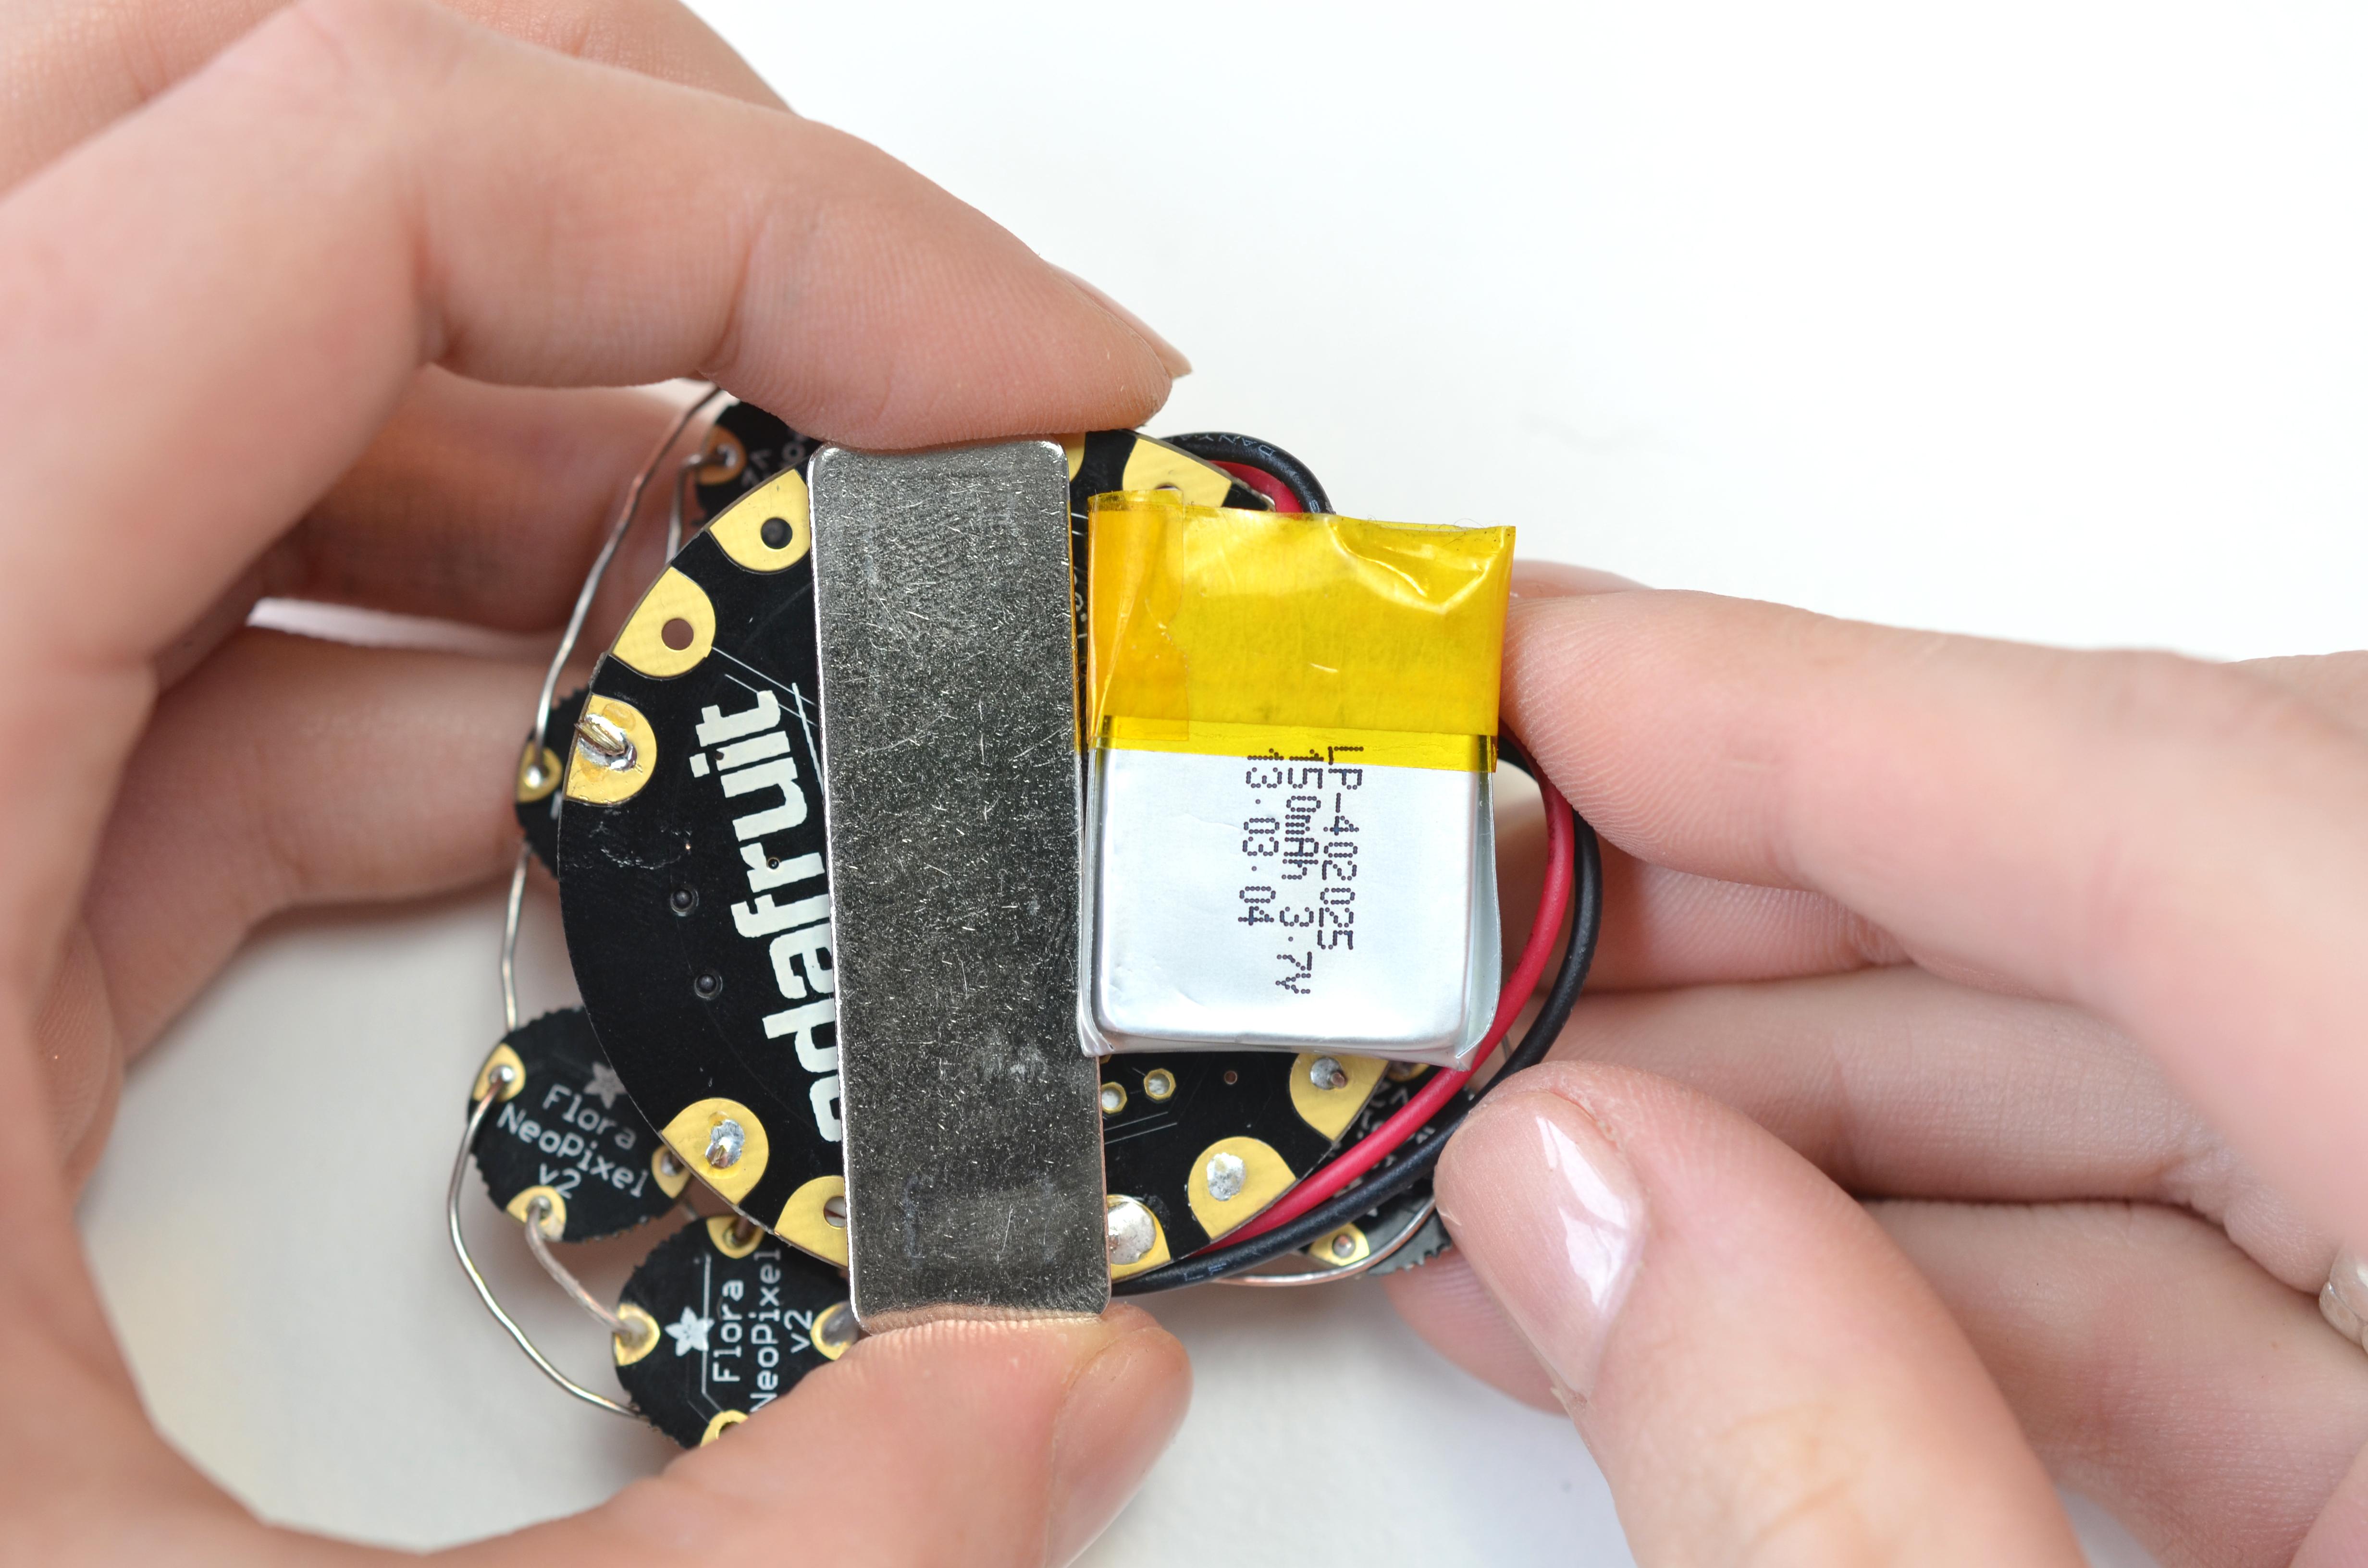 flora_adafruit-heart-rate-brooch-08.jpg